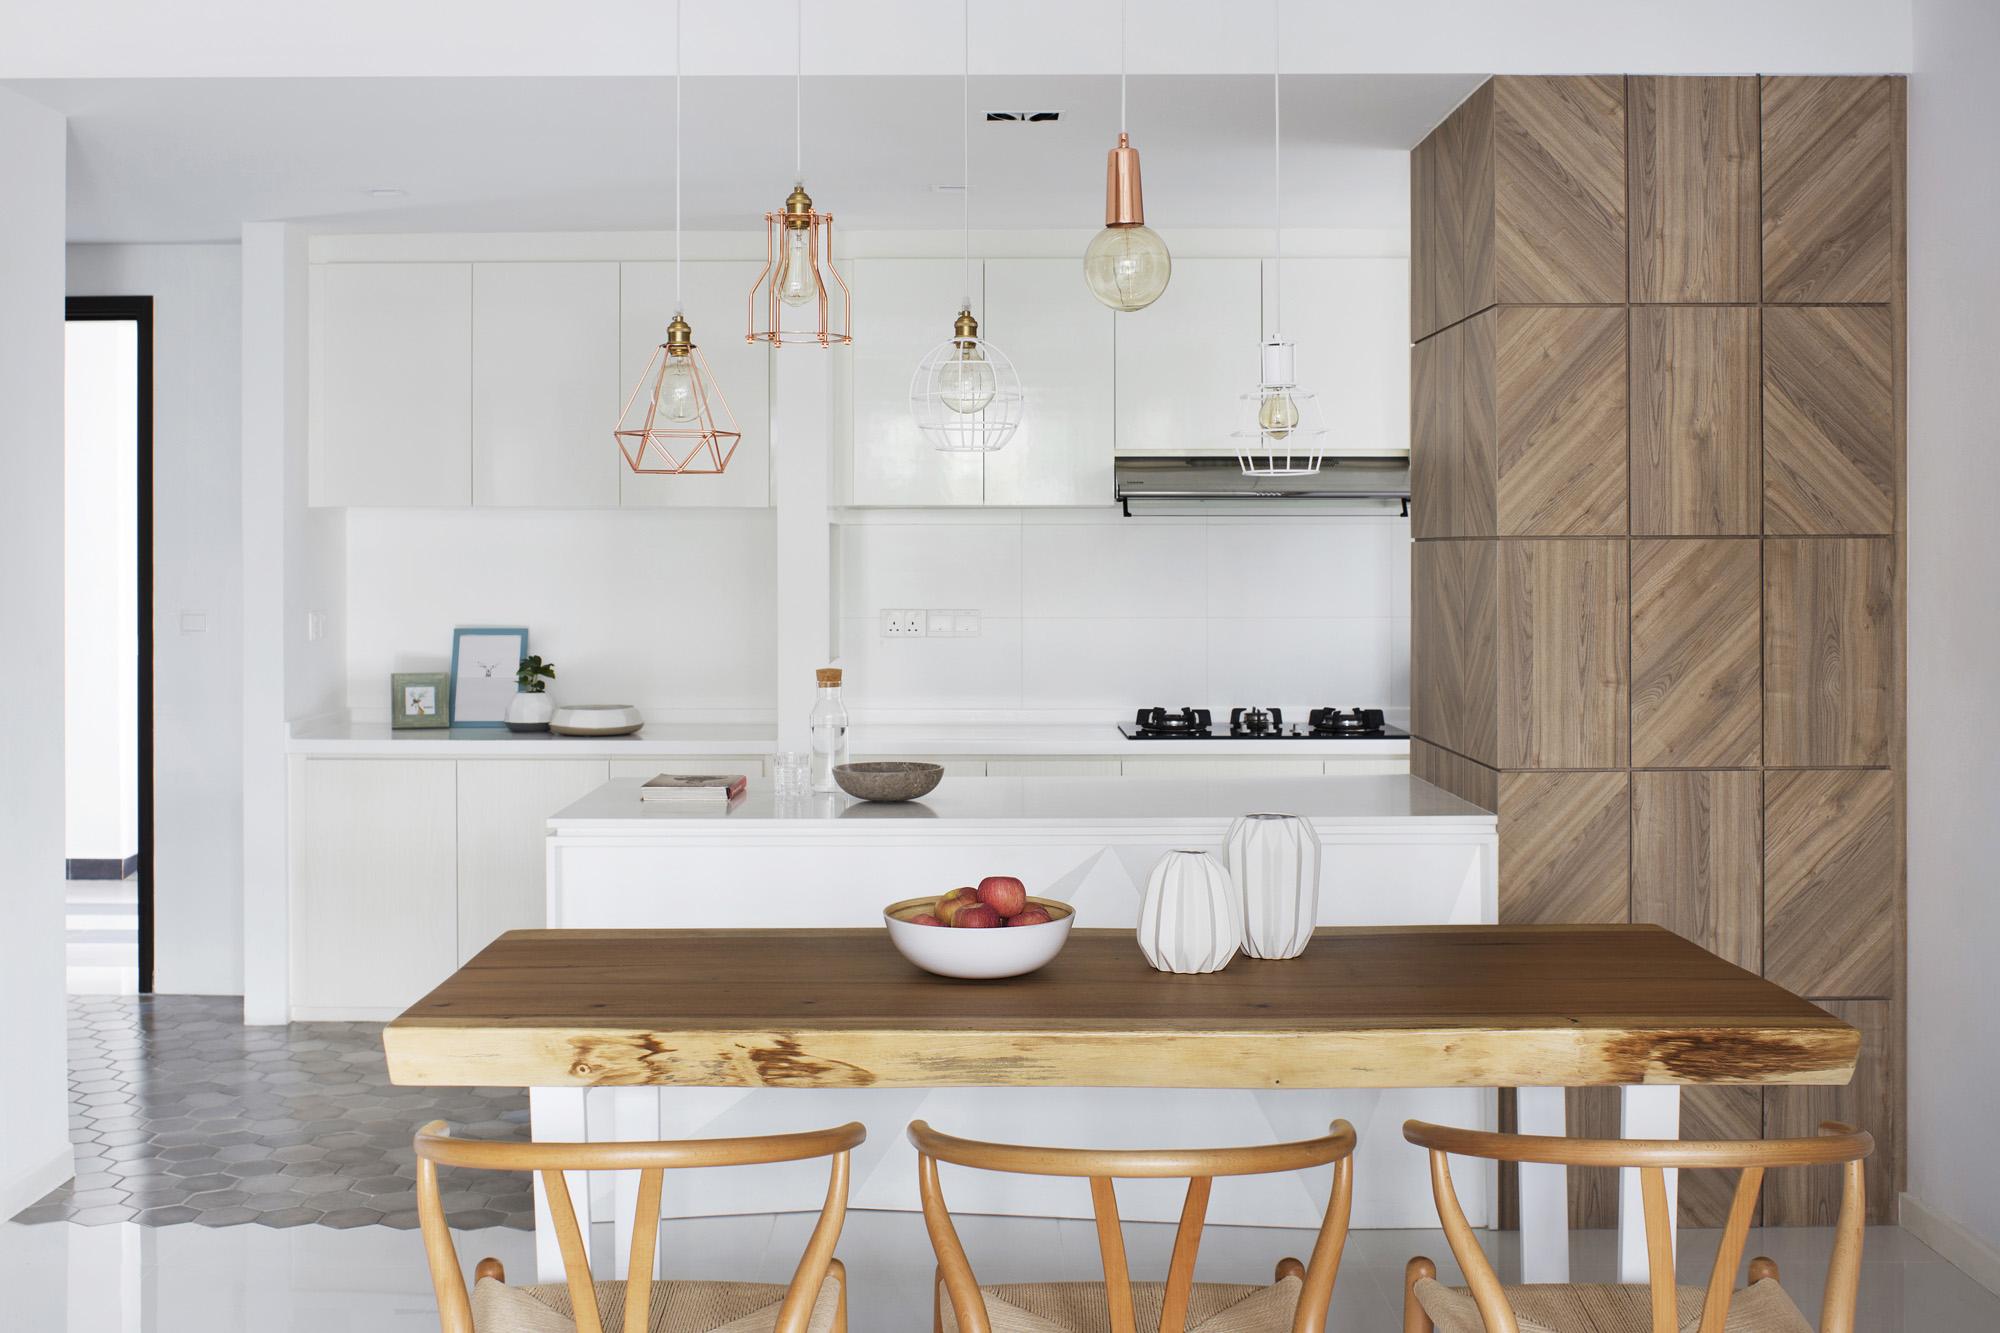 5-imajte-dom-kako-od-sonishtata-10-profili-na-instagram-za-dizajniranje-na-enterierot-www.kafepauza.mk_